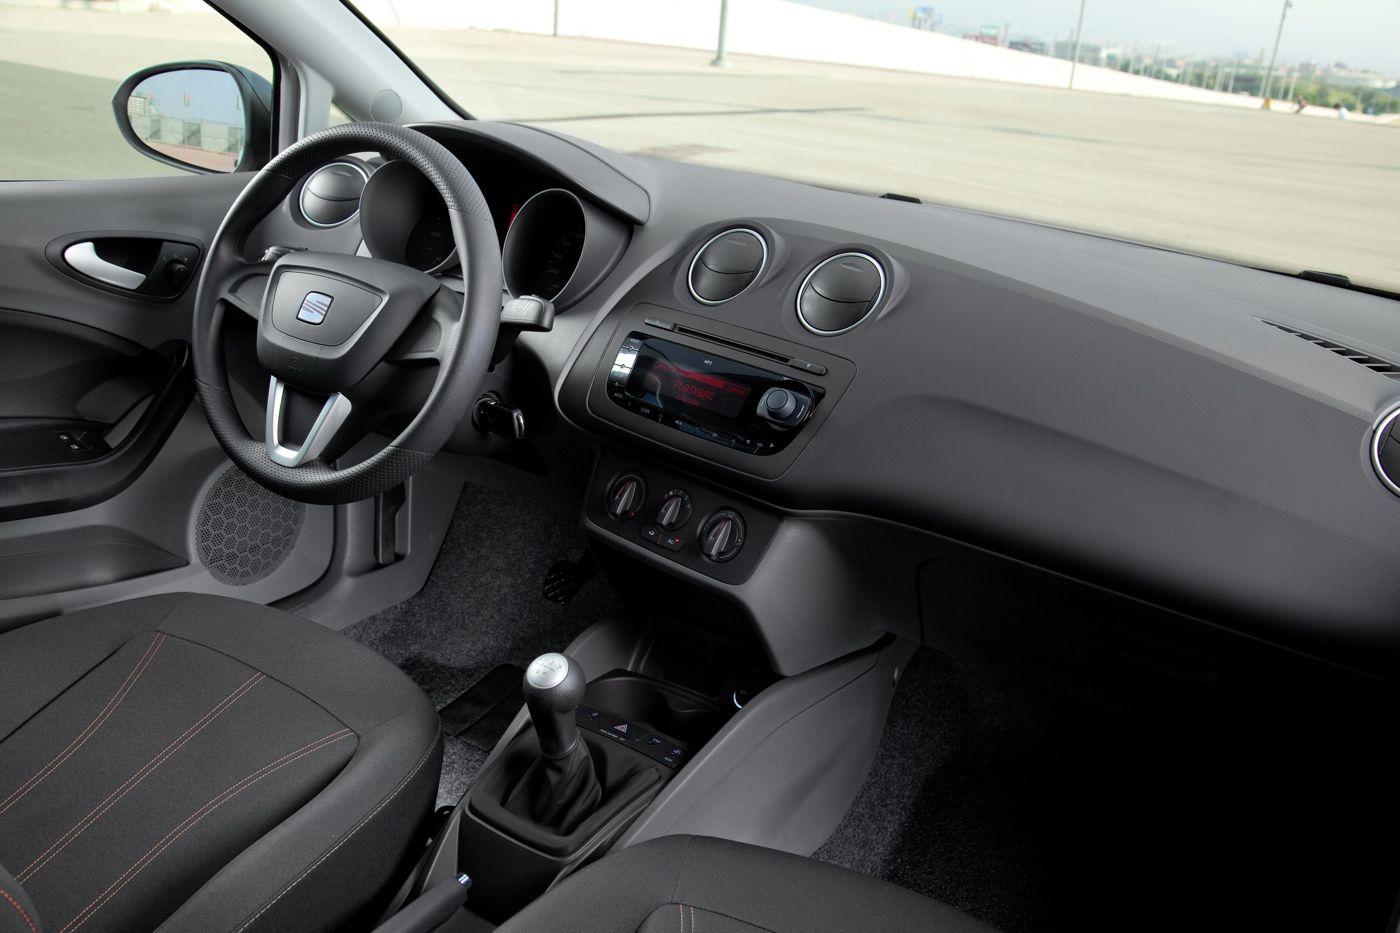 Seat Ibiza Ecomotive: Récord De Eficiencia